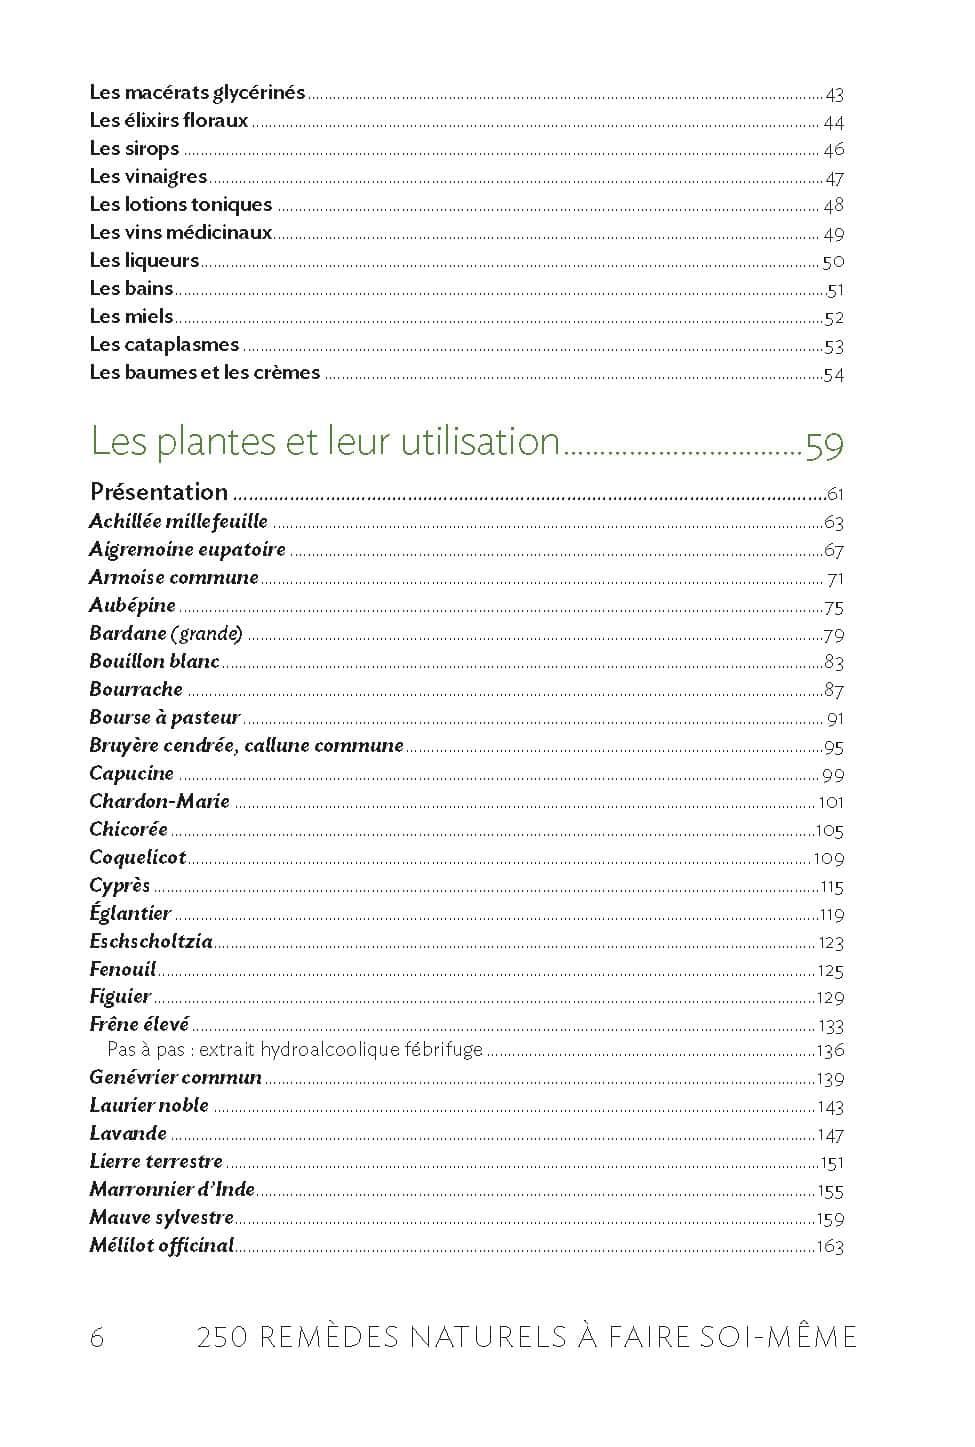 SPLAN – 250 remèdes naturels à faire soi-même – sommaire 2